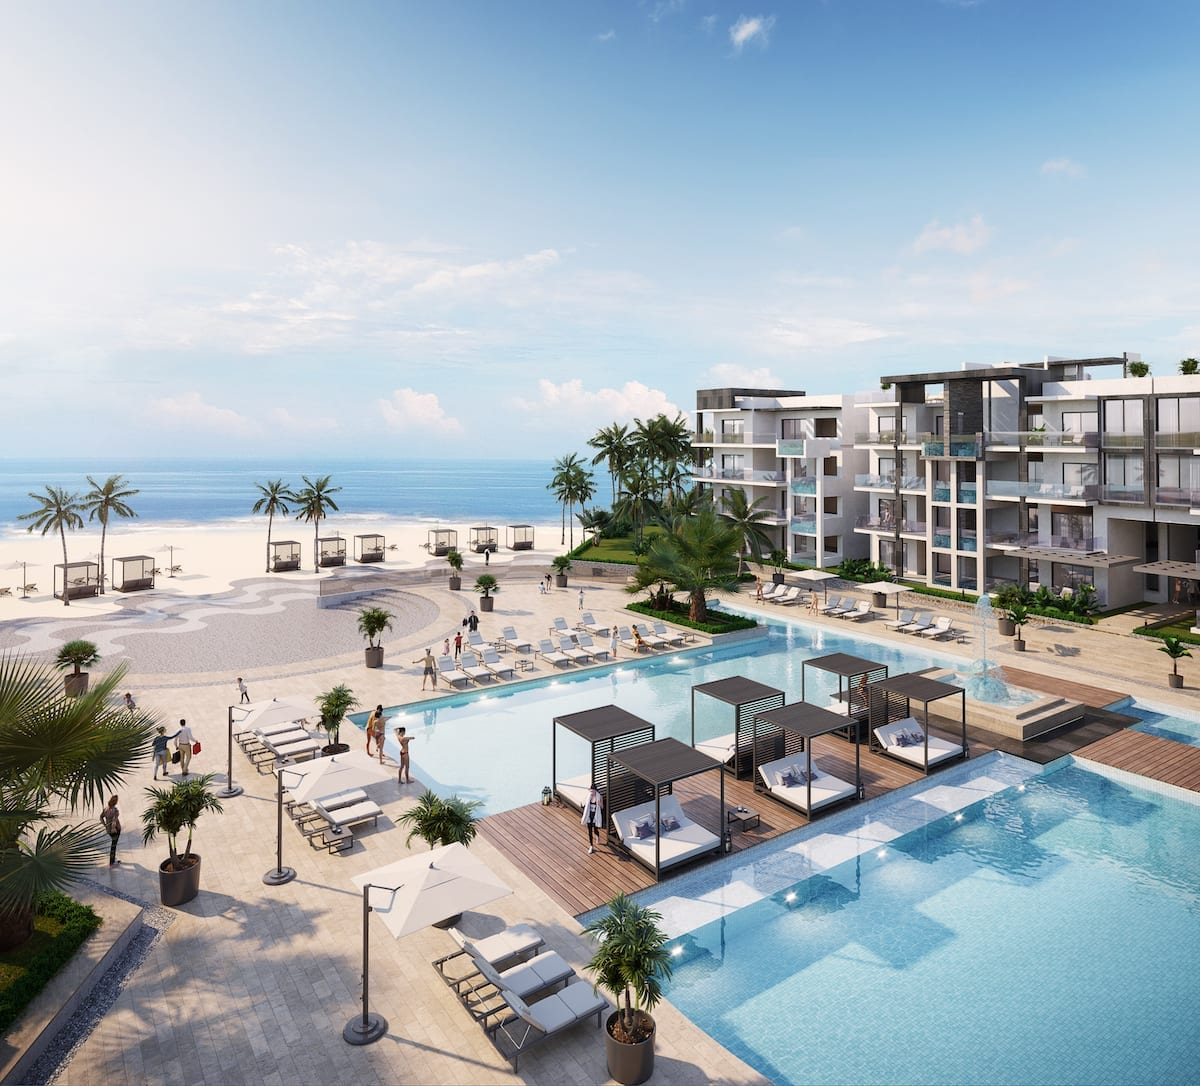 Inmobiliaria en el Caribe Ocean Bay Punta Cana Inmobiliaria en el Caribe Investo International